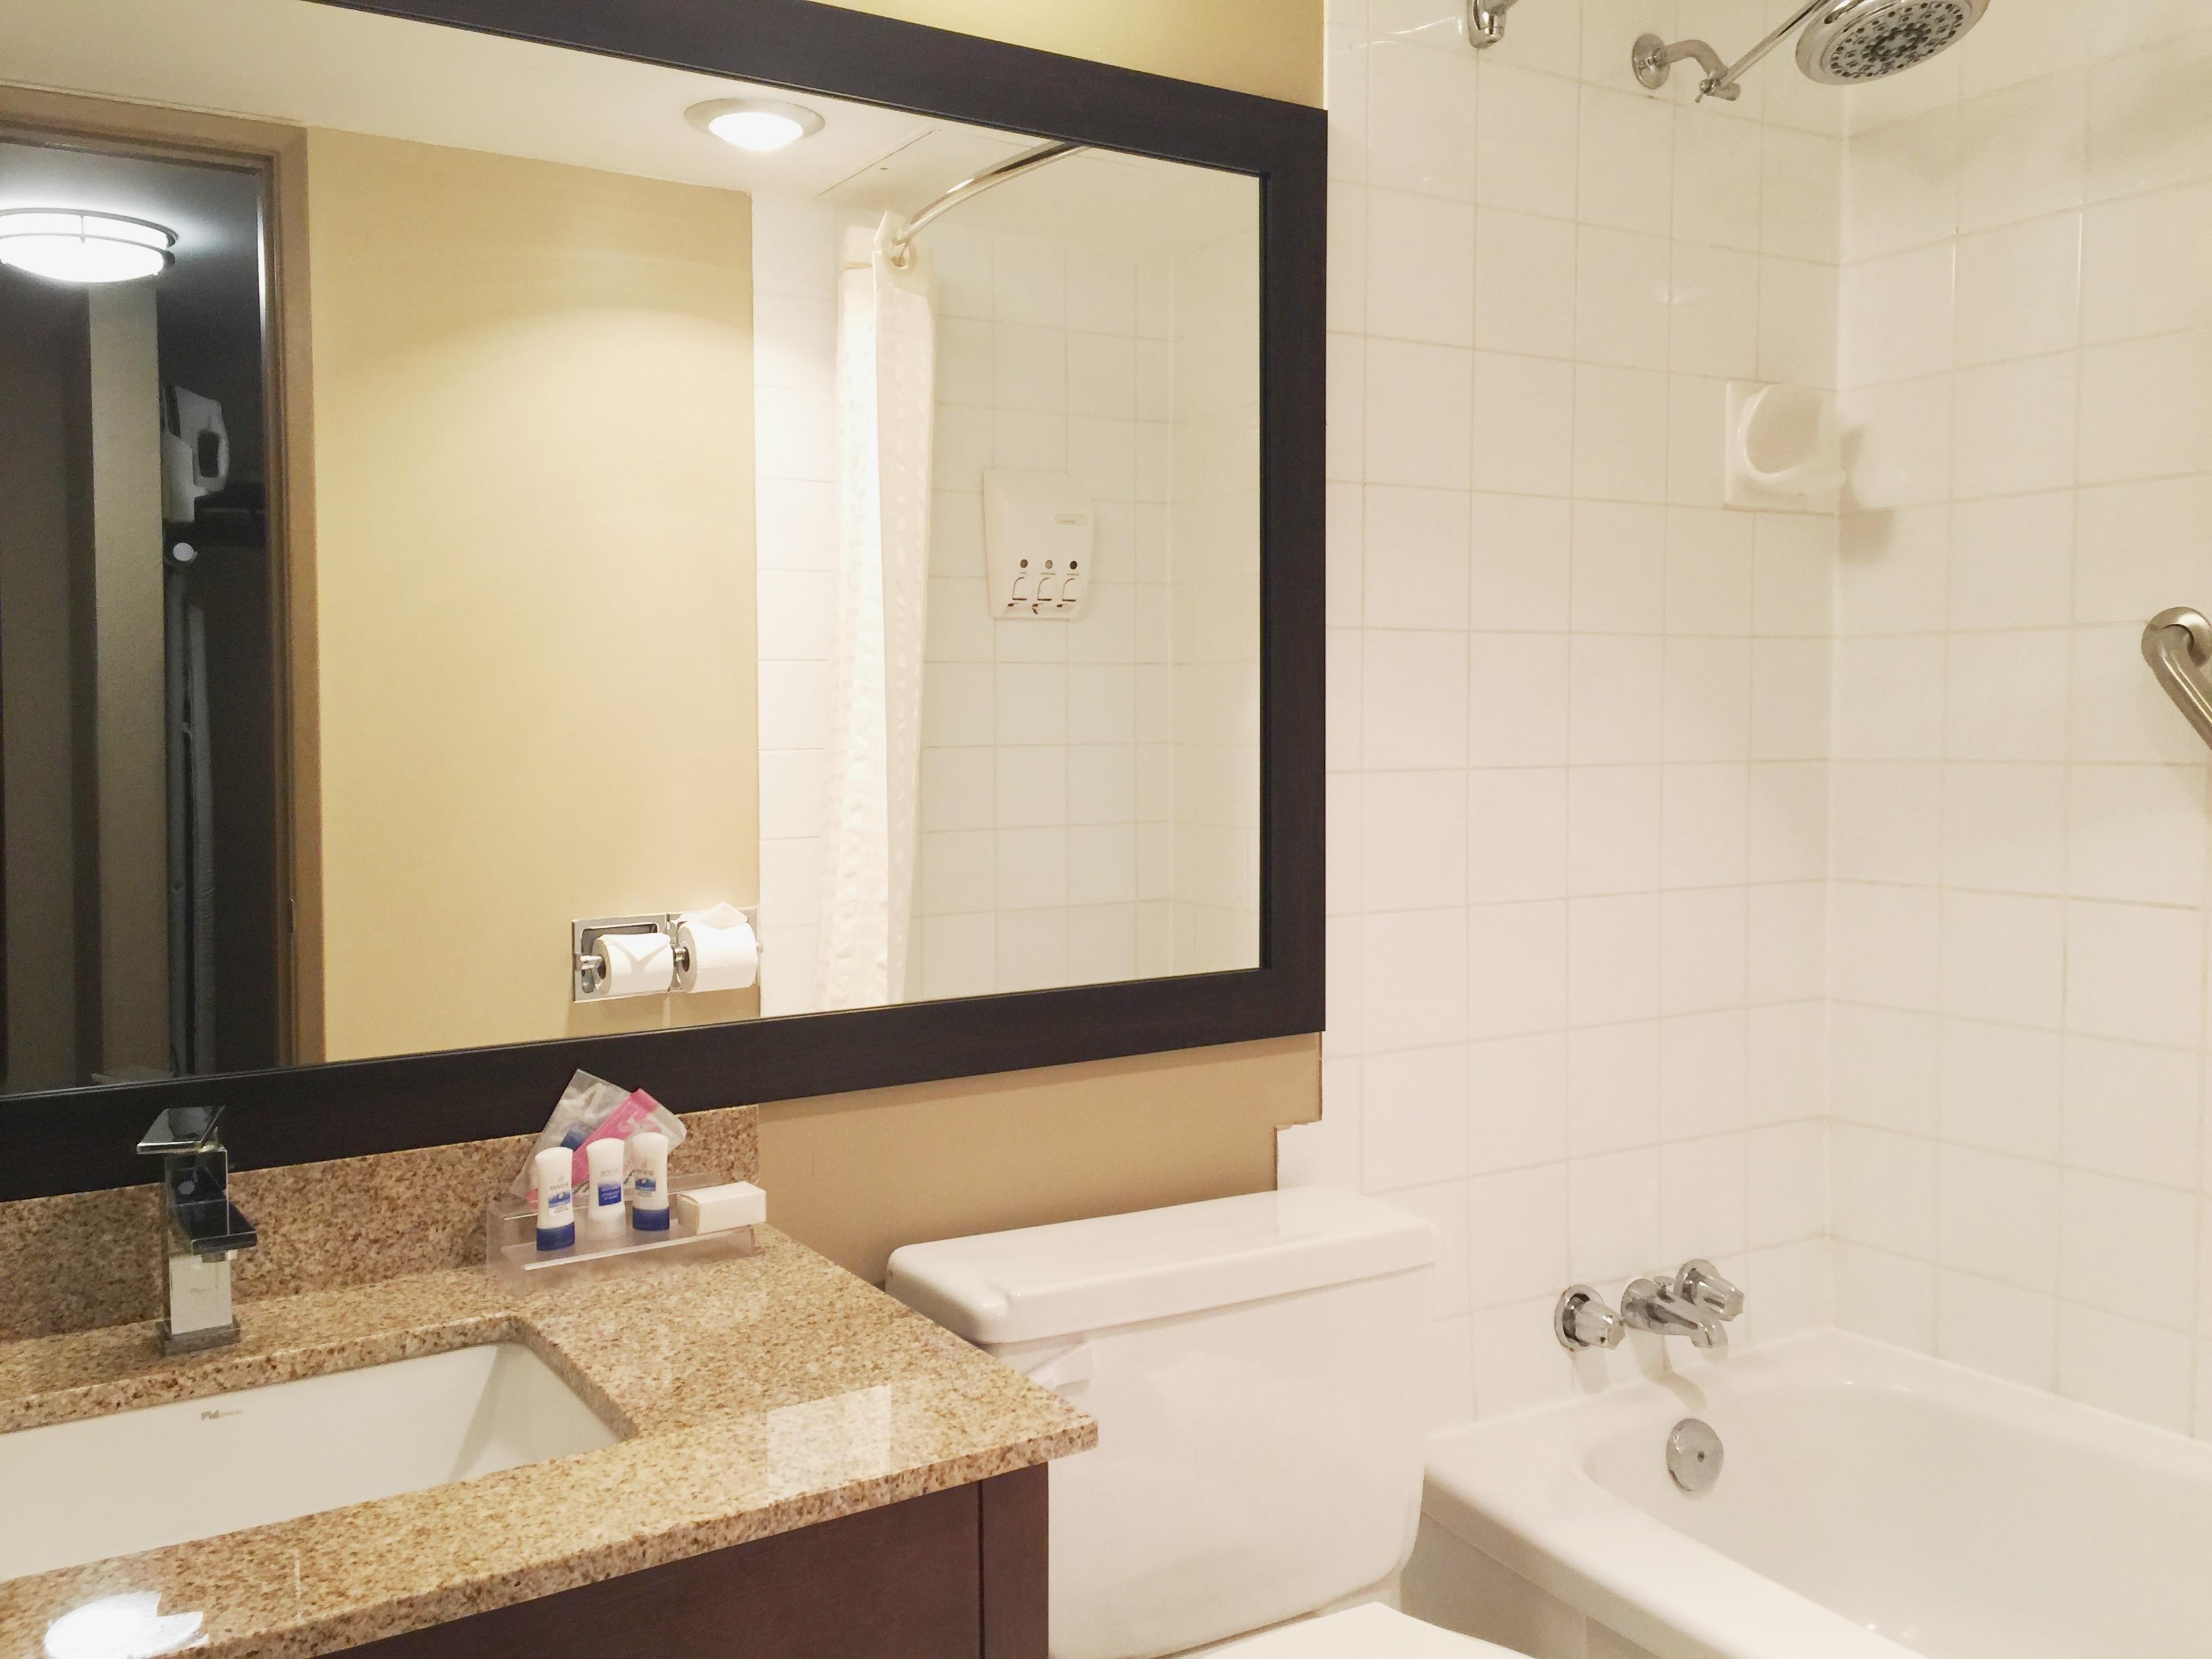 Best Western Terrace Inn in Terrace: Bathroom